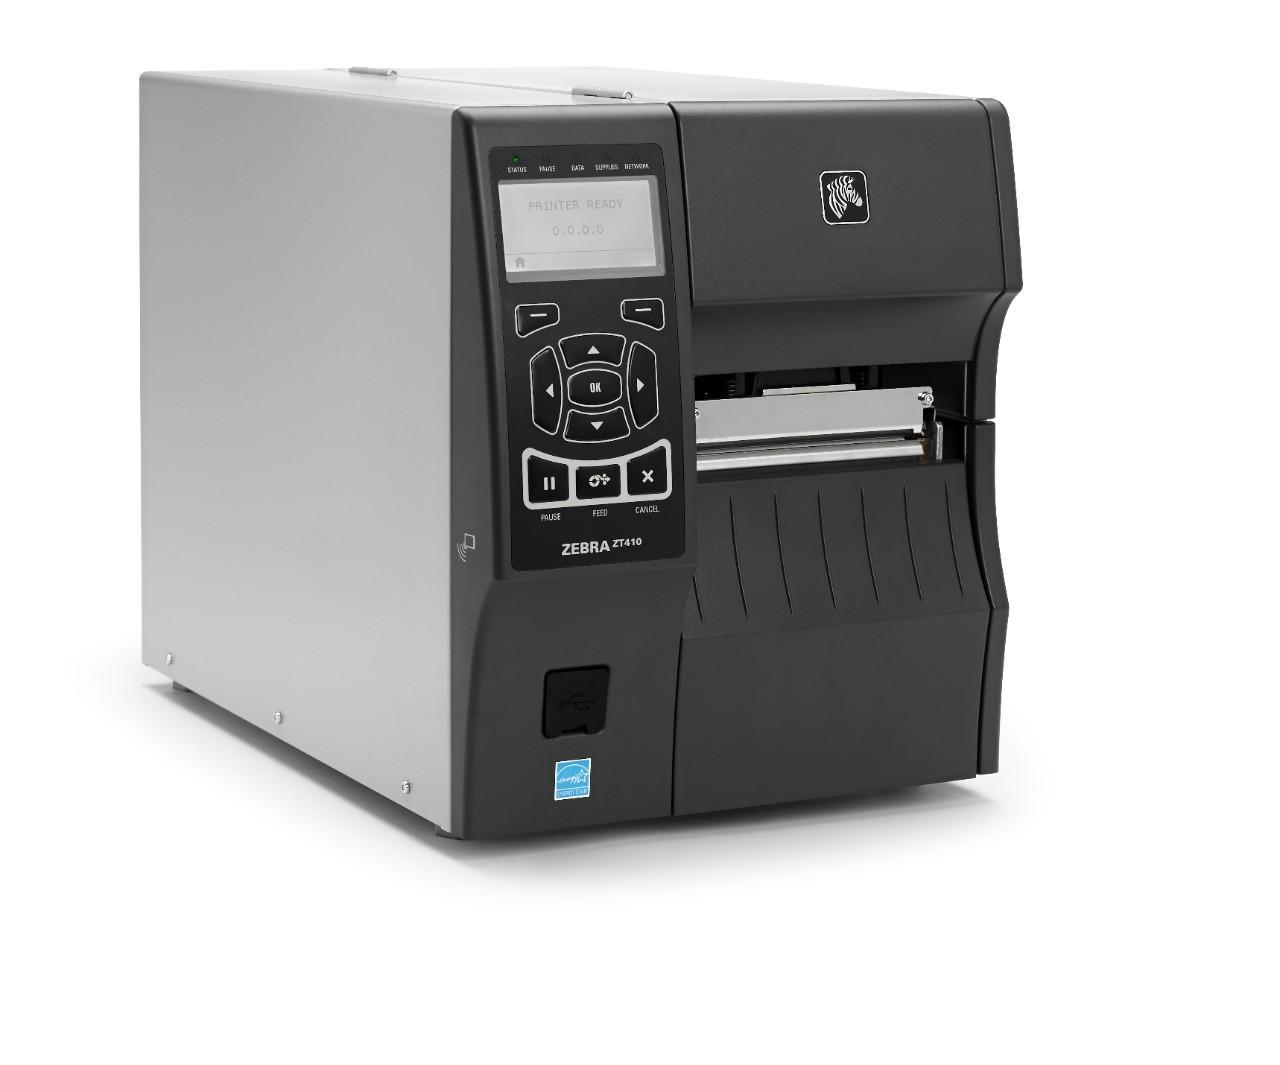 Zebra Scanner Configure